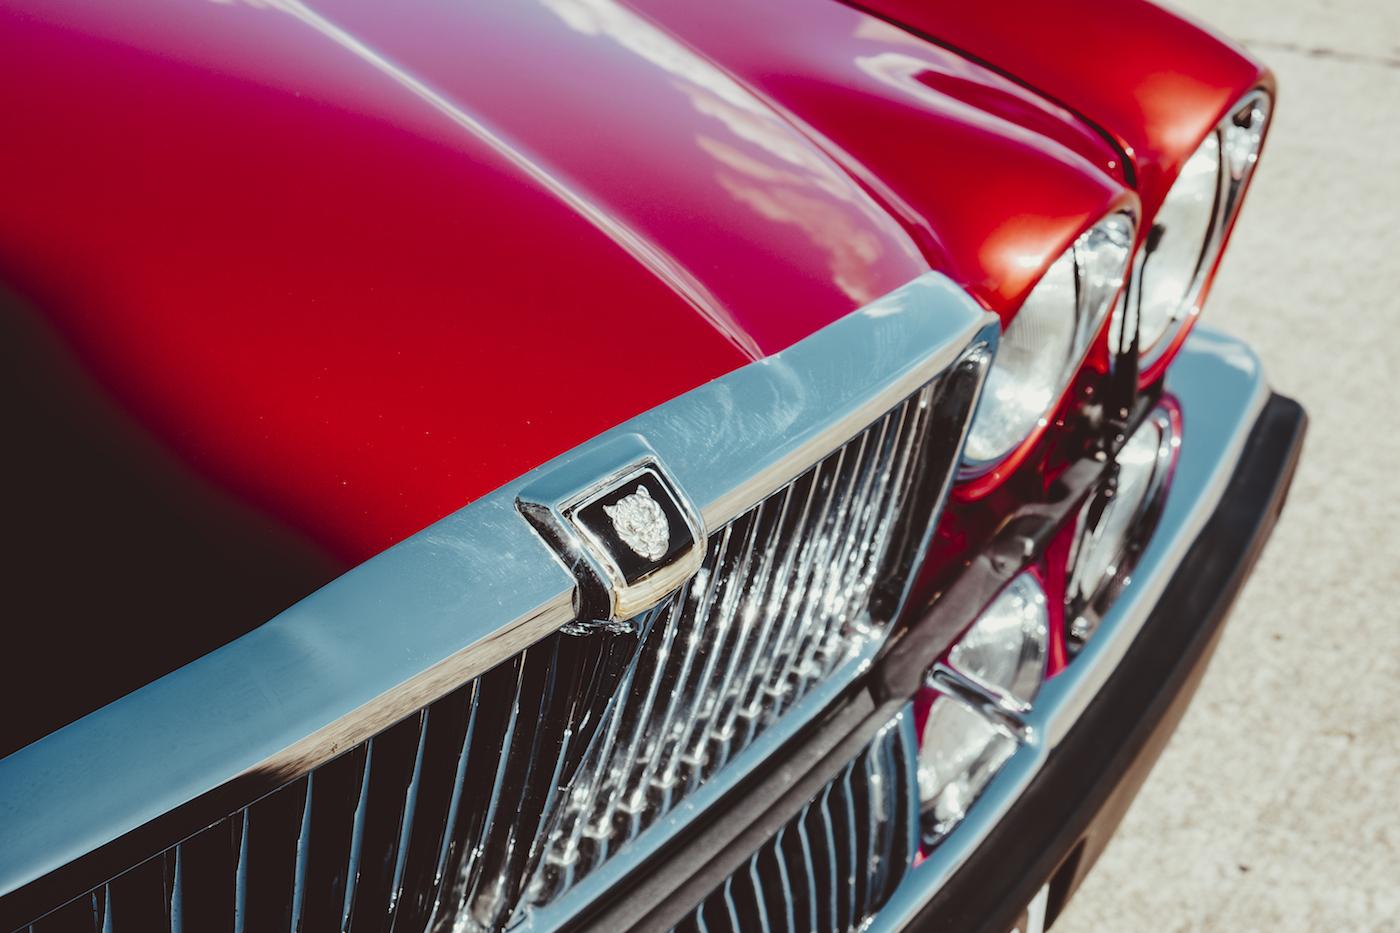 Königlich ausgestattet: 50 Jahre Jaguar XJ 6